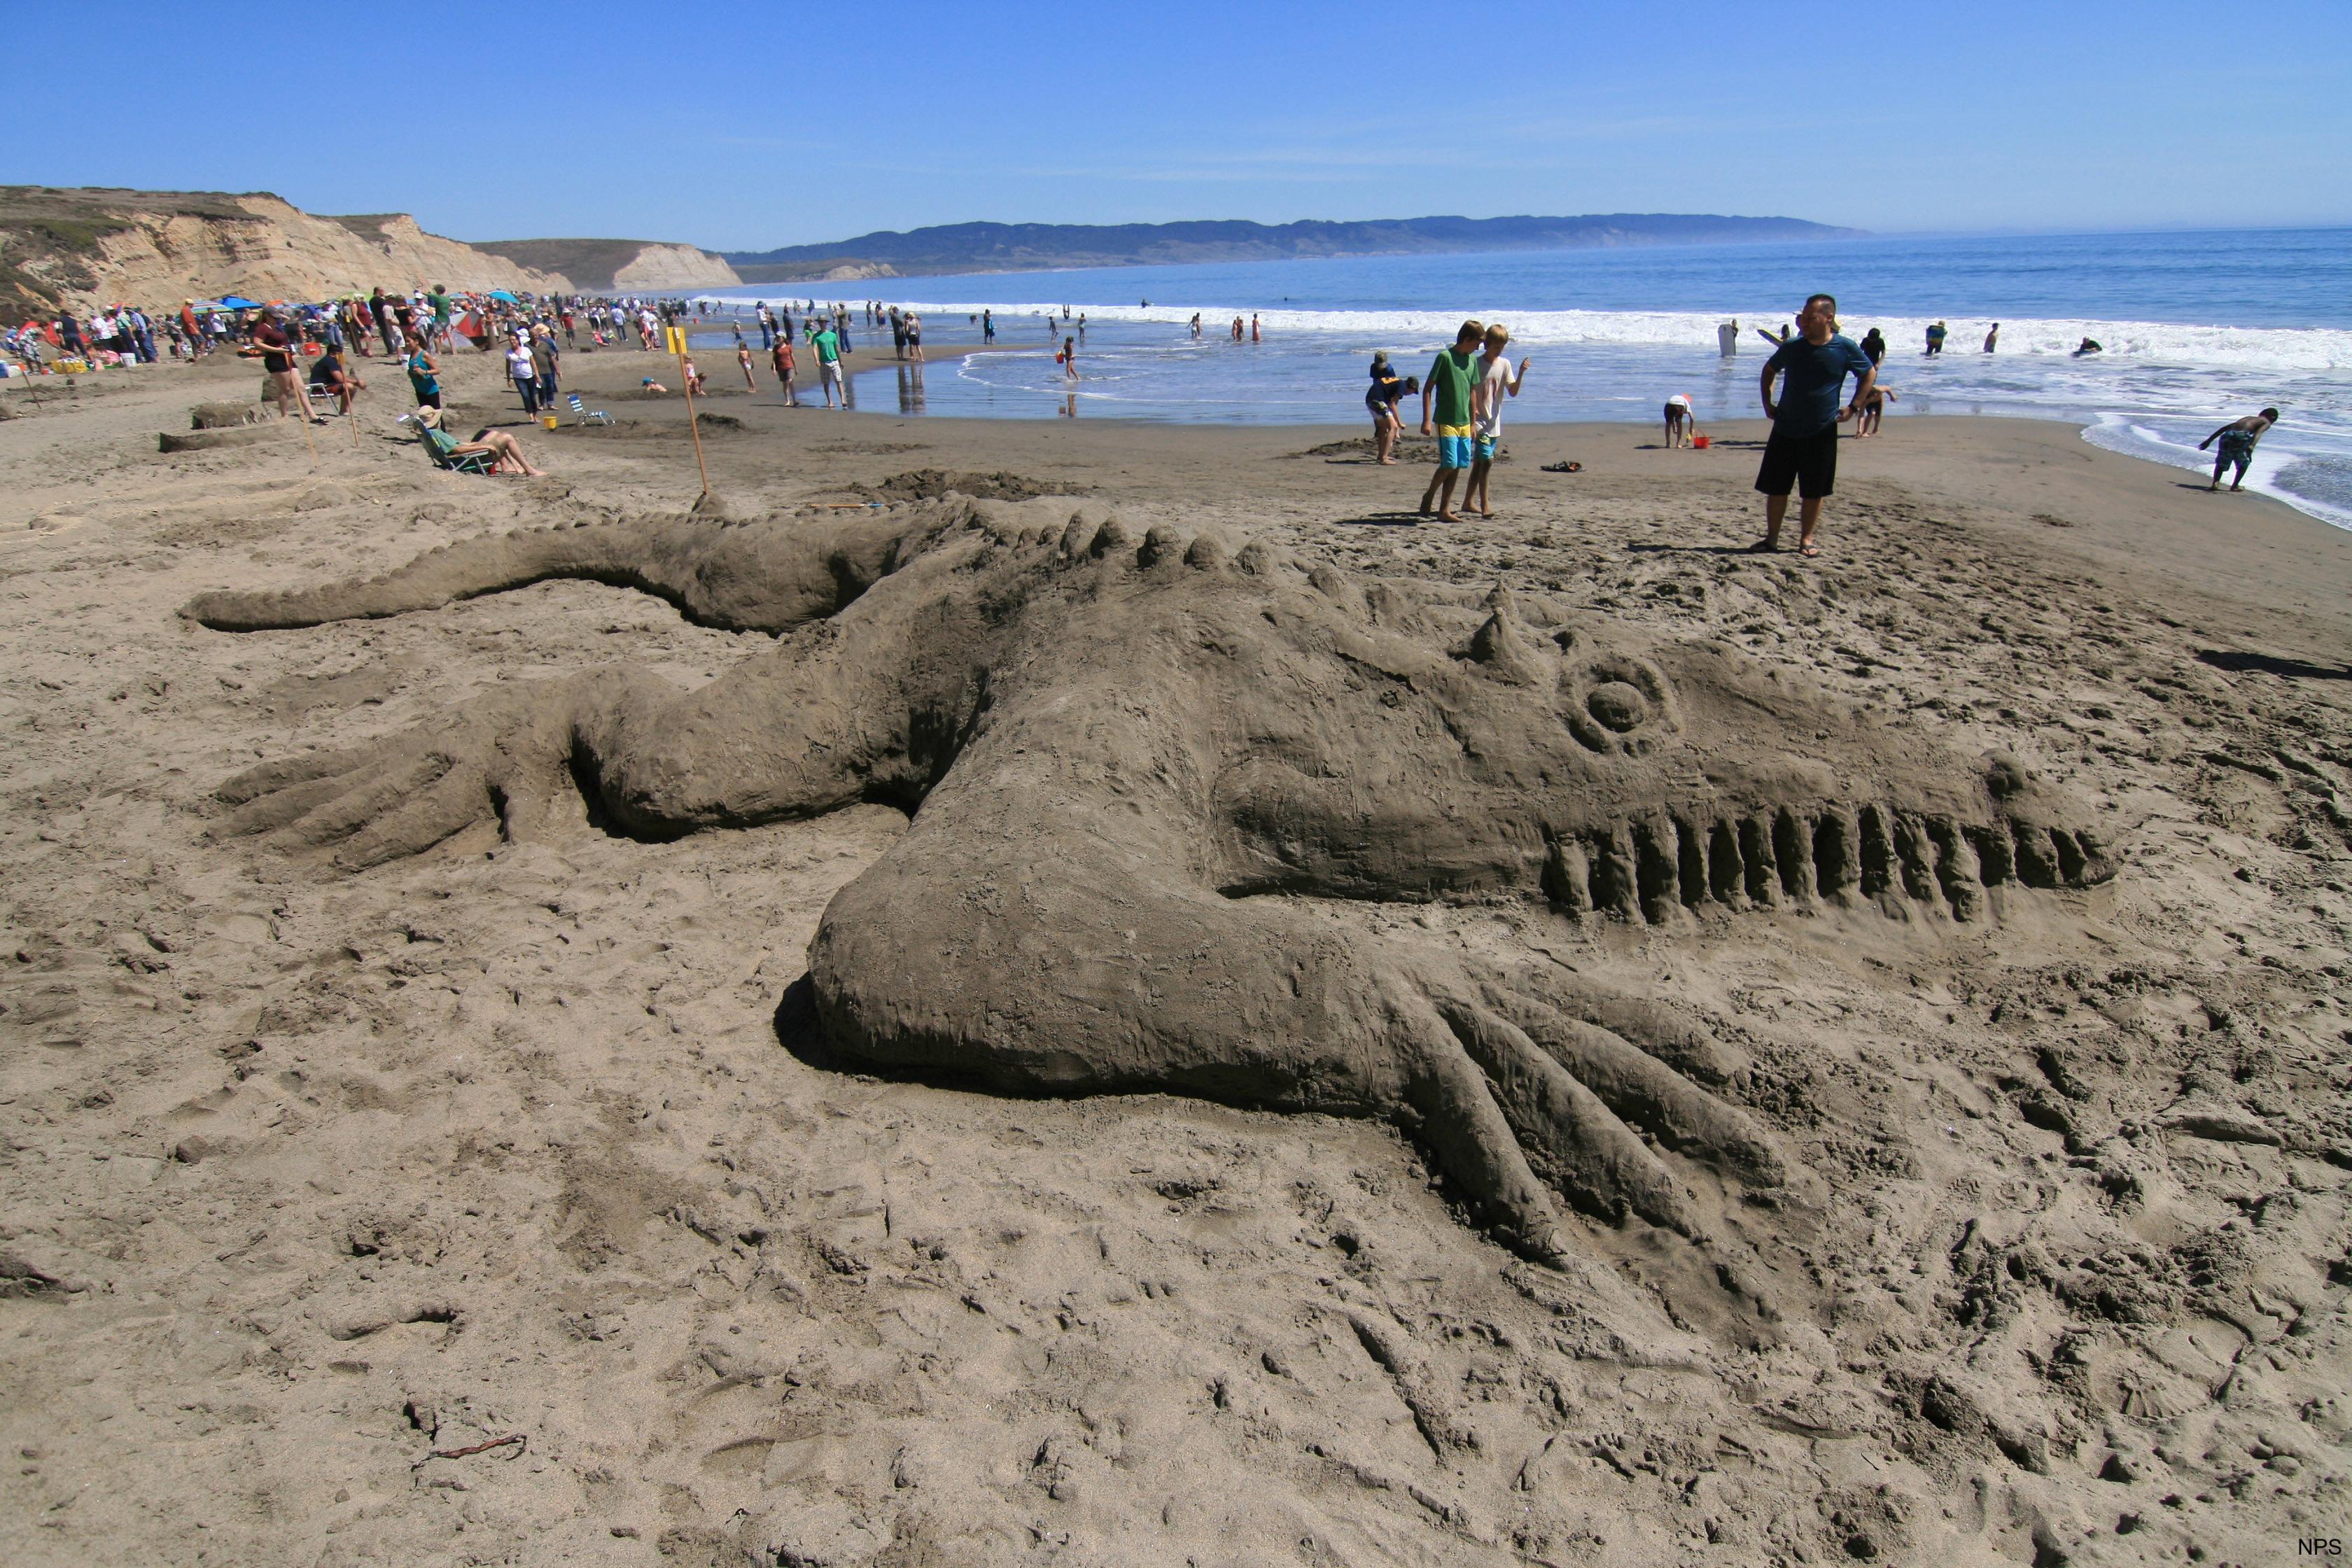 Un concurso de castillos de arena produce un dinosaurio en una playa llena de gente en Point Reyes.